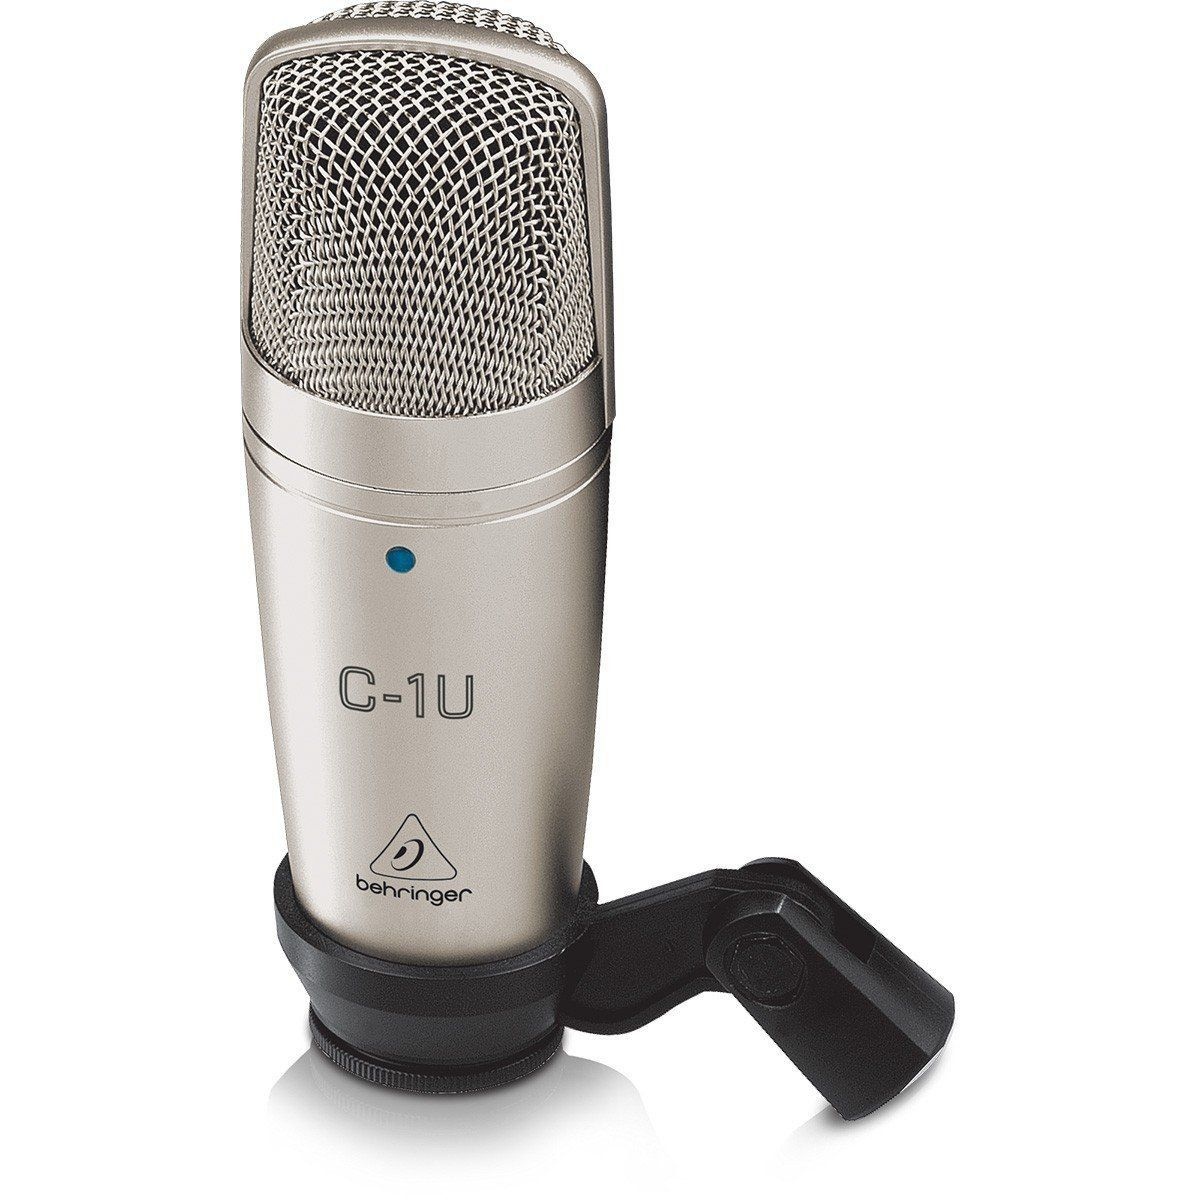 Microfone Behringer C-1U Usb